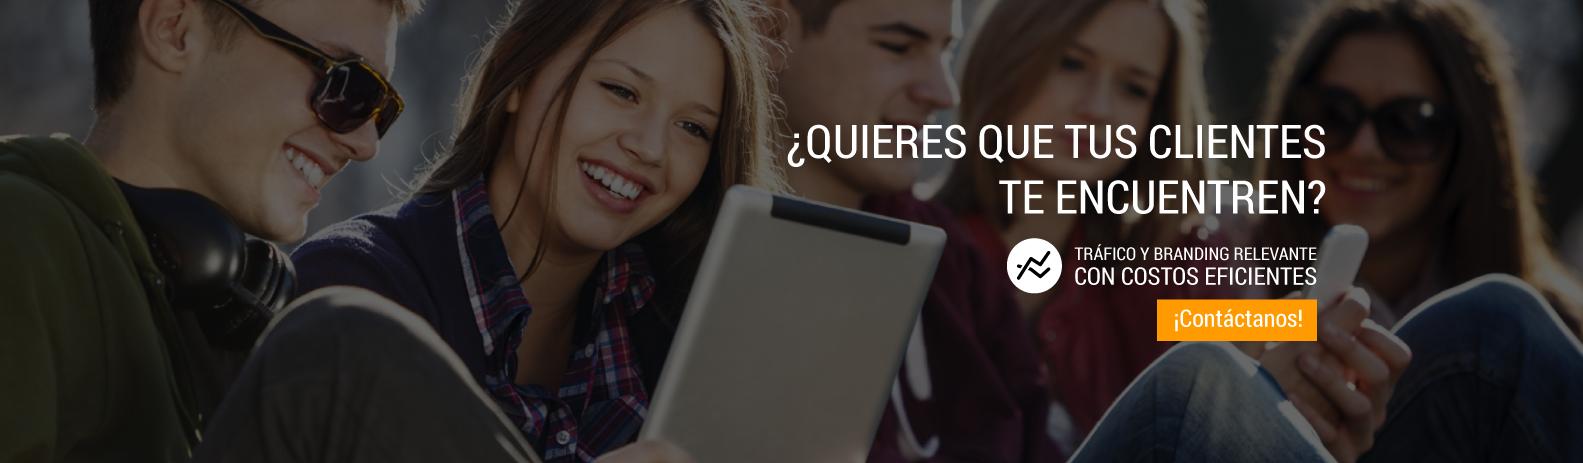 TRÁFICO Y BRANDING RELEVANTE CON COSTOS EFICIENTES Campañas en redes sociales, Google, email marketing, SEO enfocadas al incremento de tráfico a portales